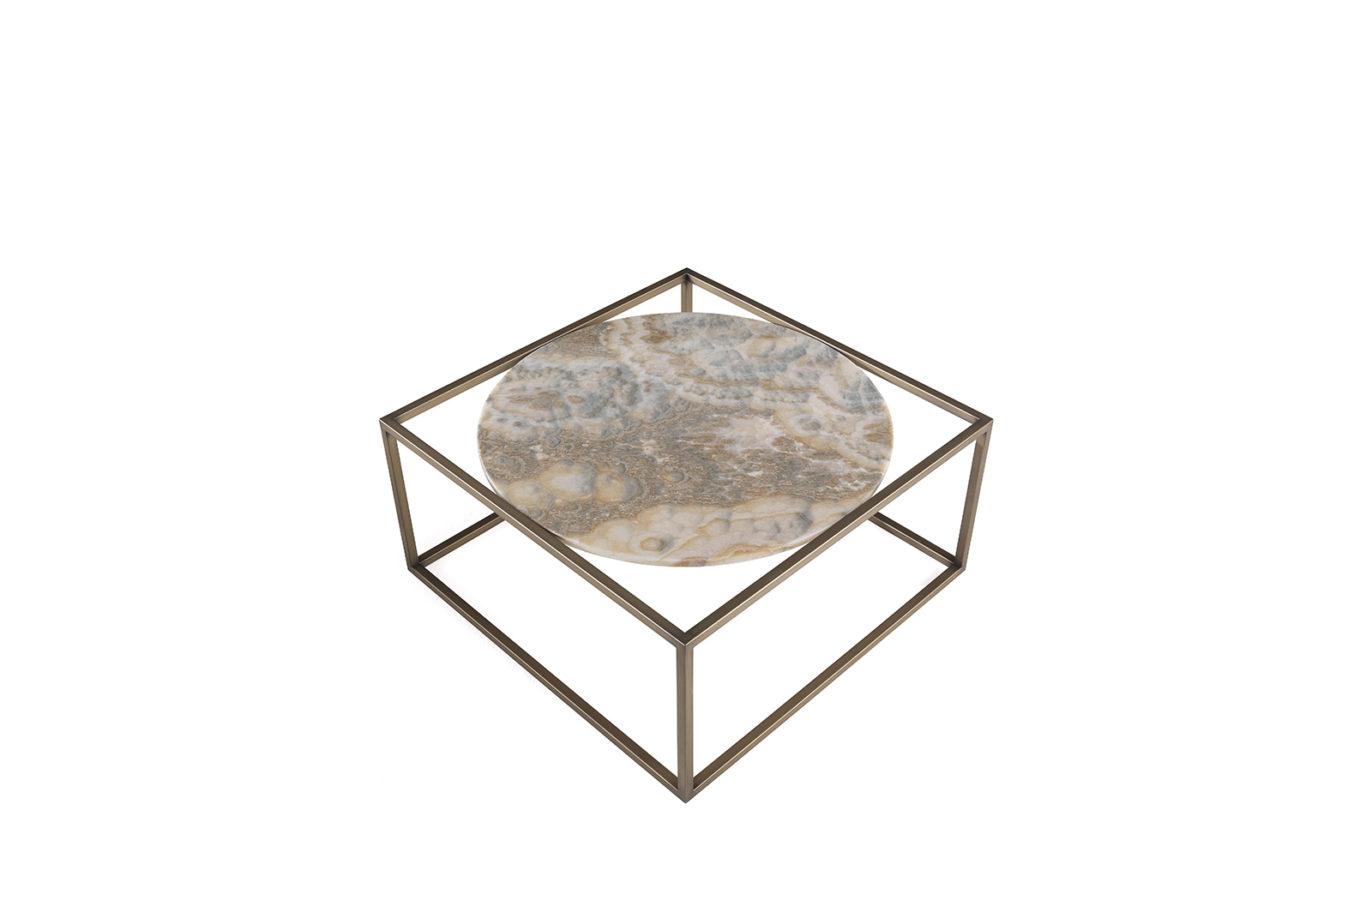 Norrebro Central Table 03